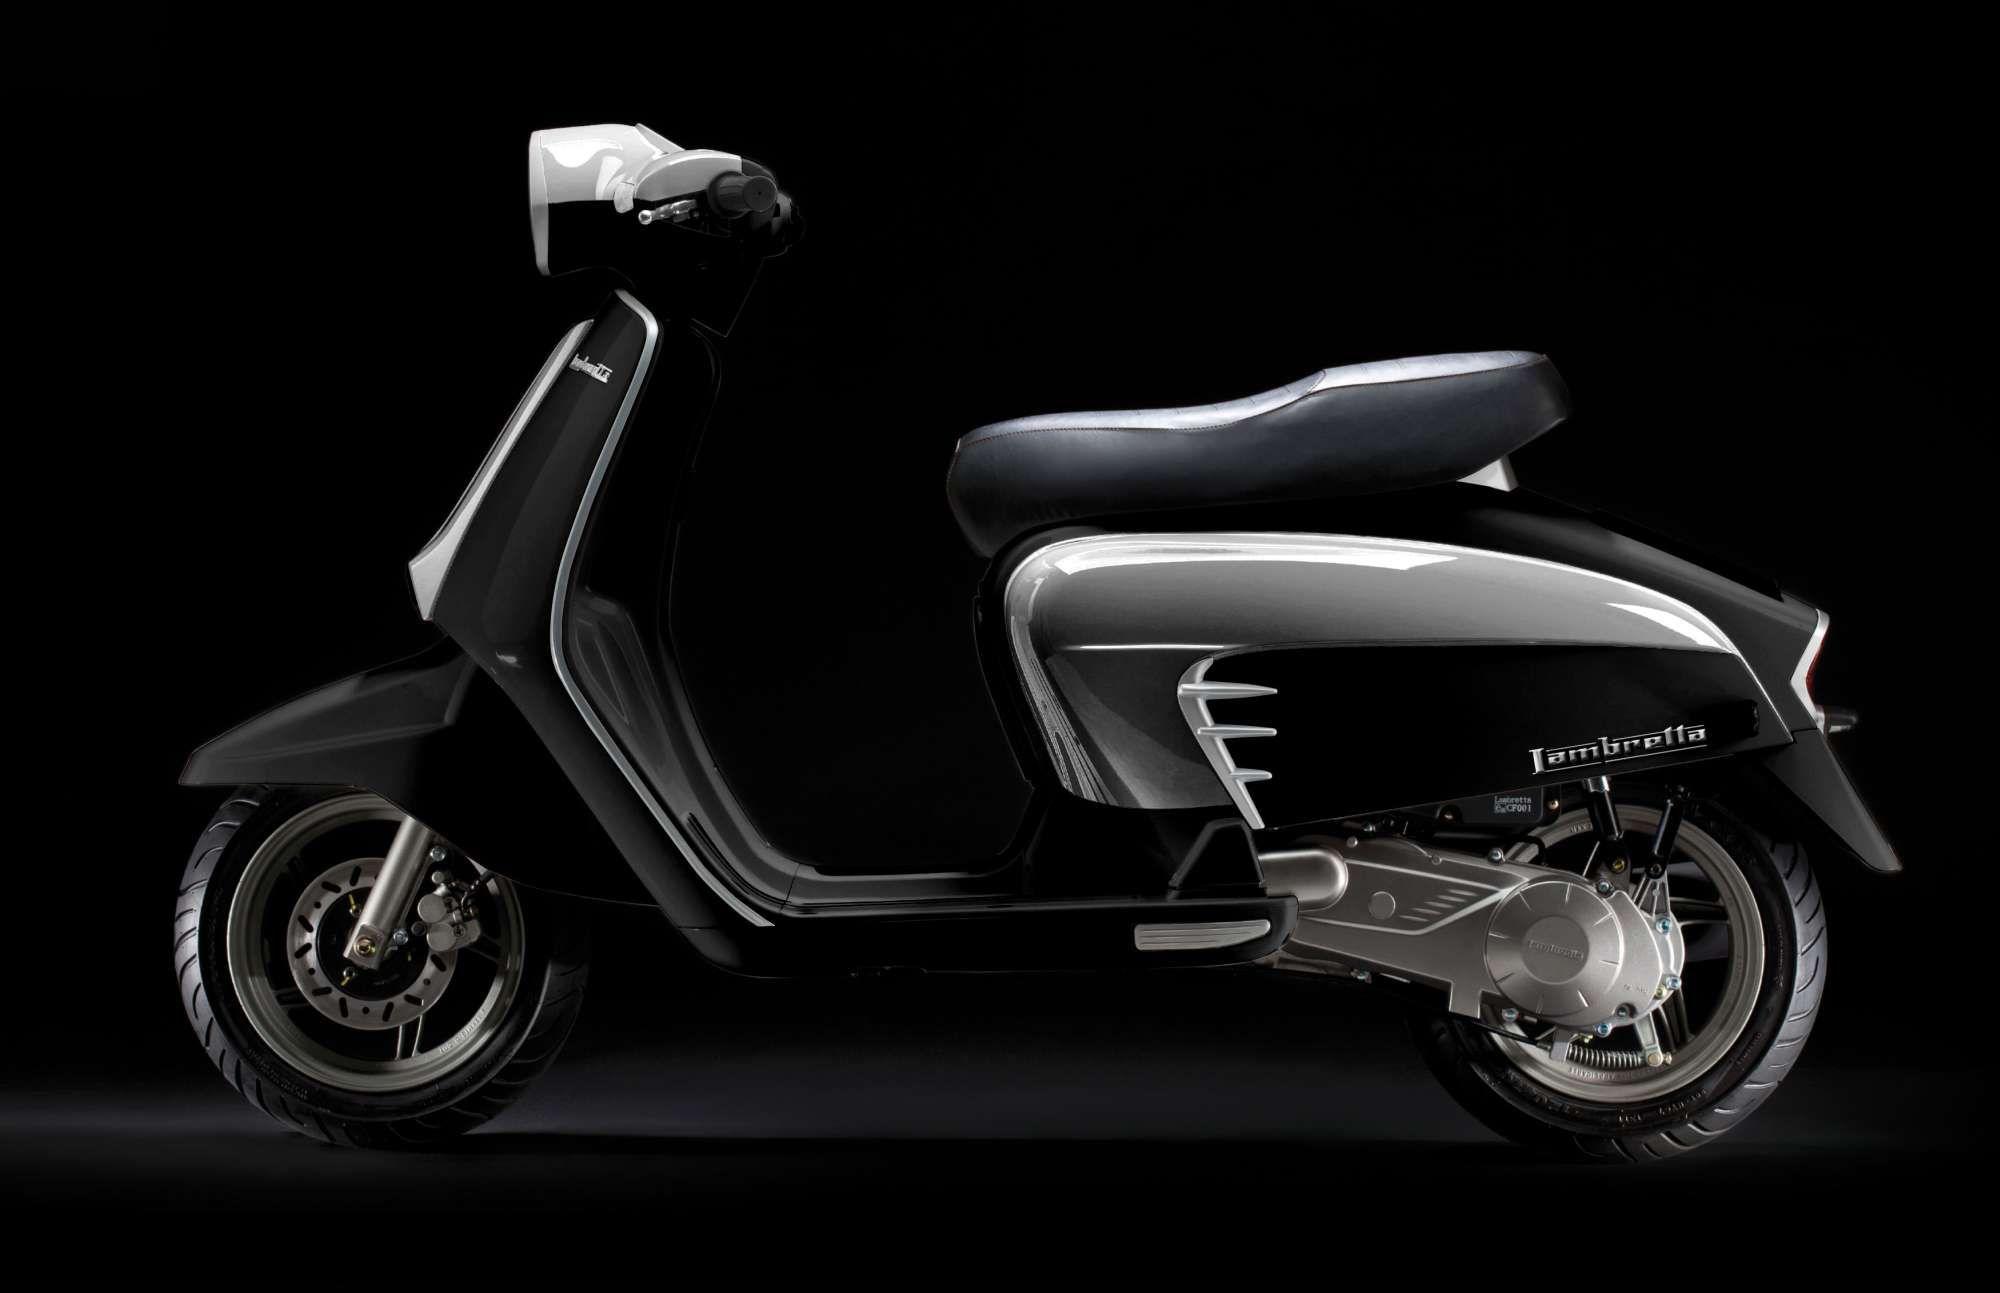 lambretta ln 125 2013 scooter ���� vespa lambretta